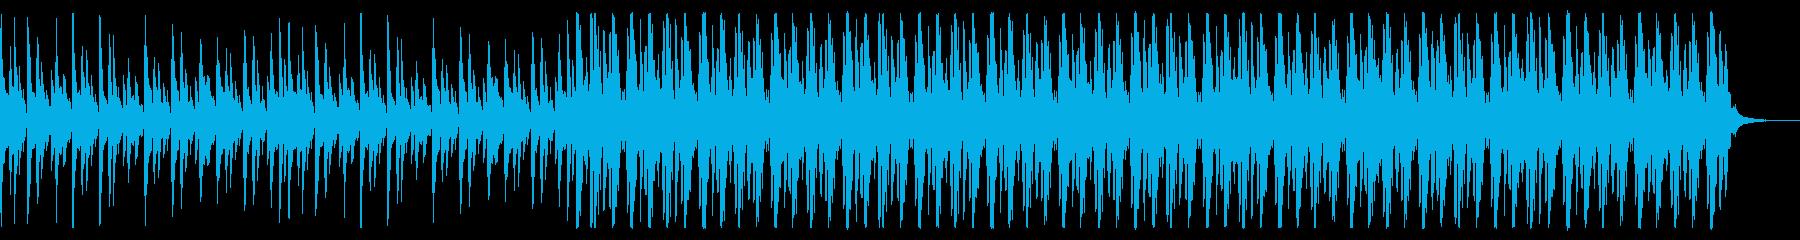 古代遺跡/ジャングル_No664_2の再生済みの波形